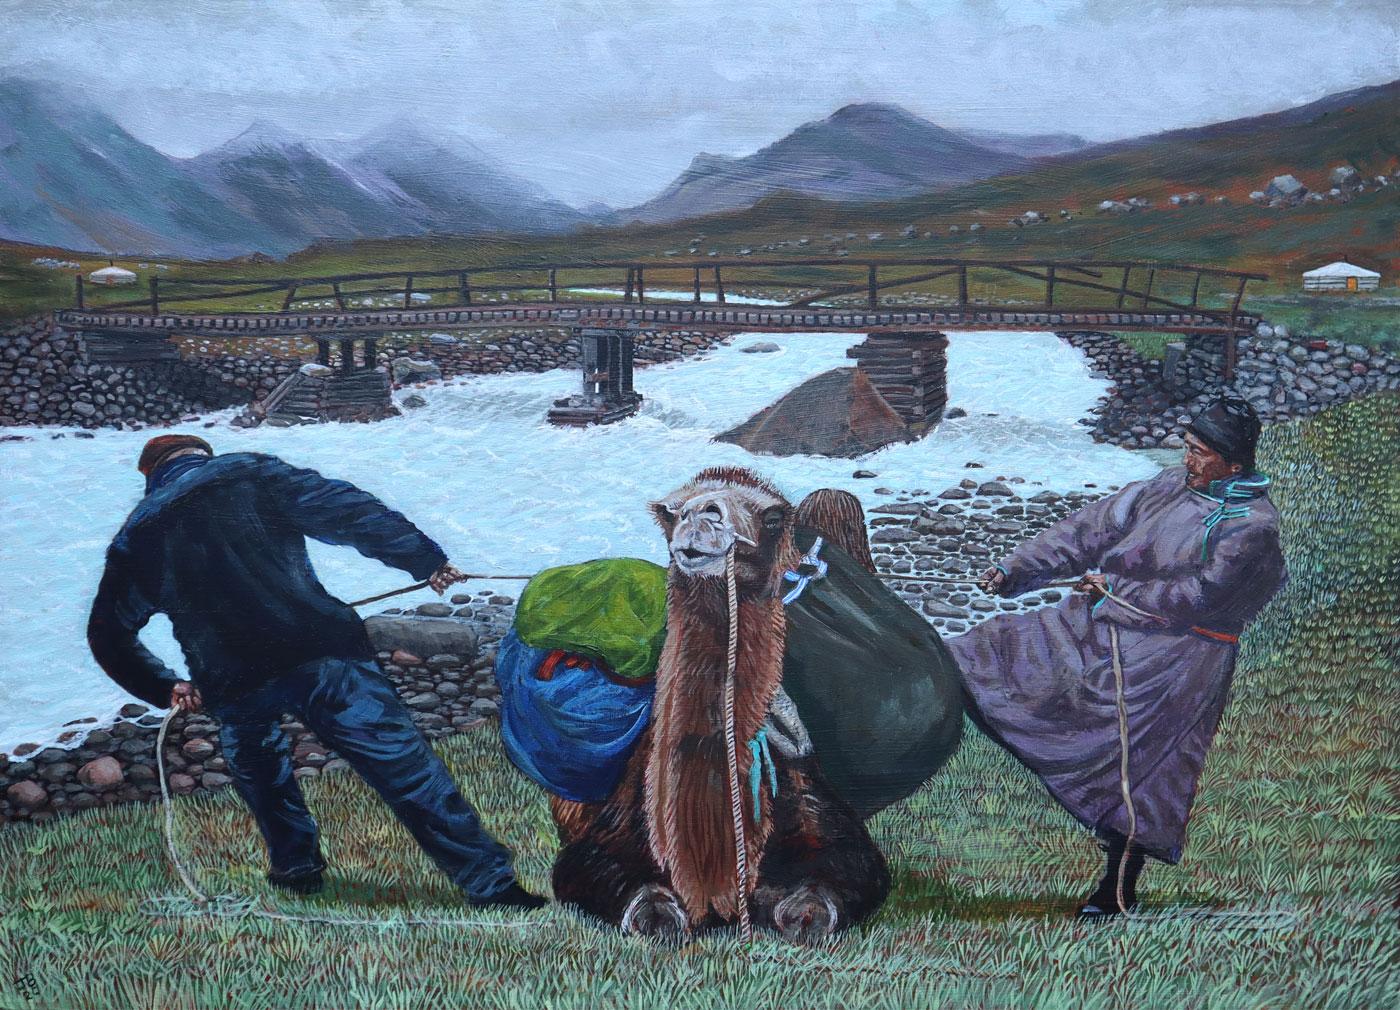 loading-camel-for-trek-in-mongolia-finished-ptg-opt